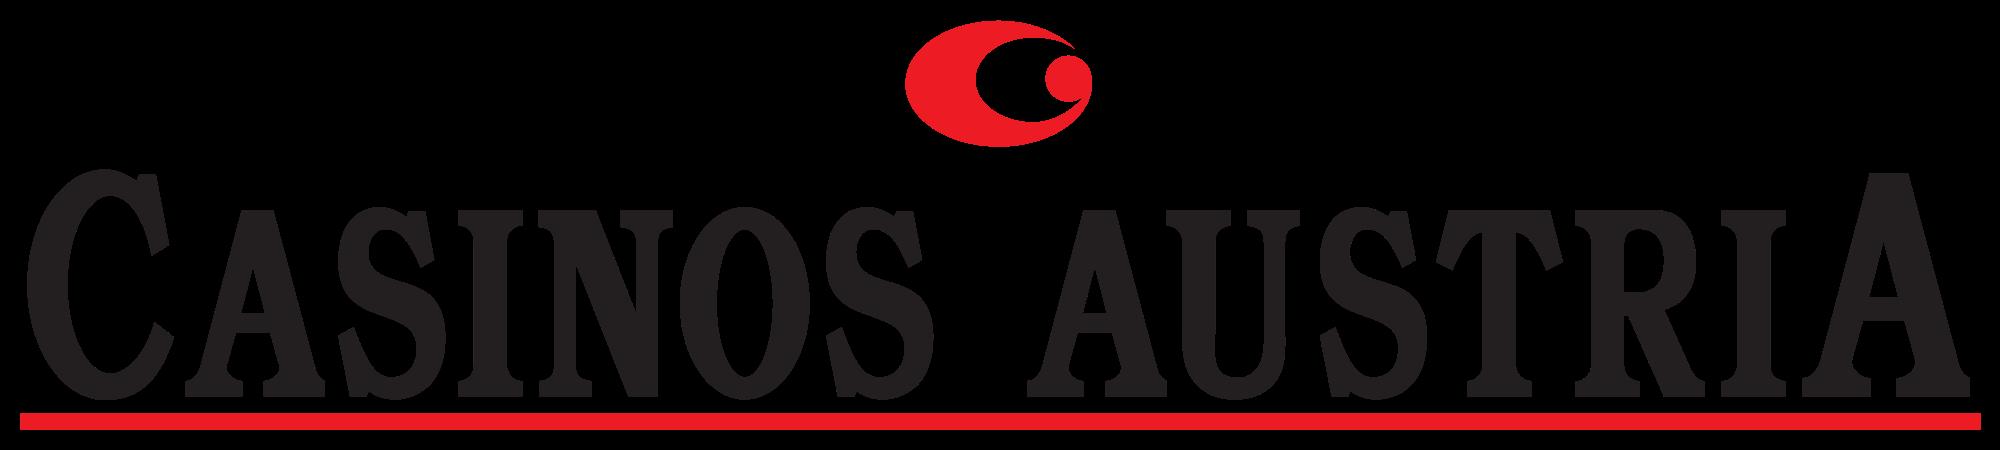 Casinos_Austria_Logo.svg